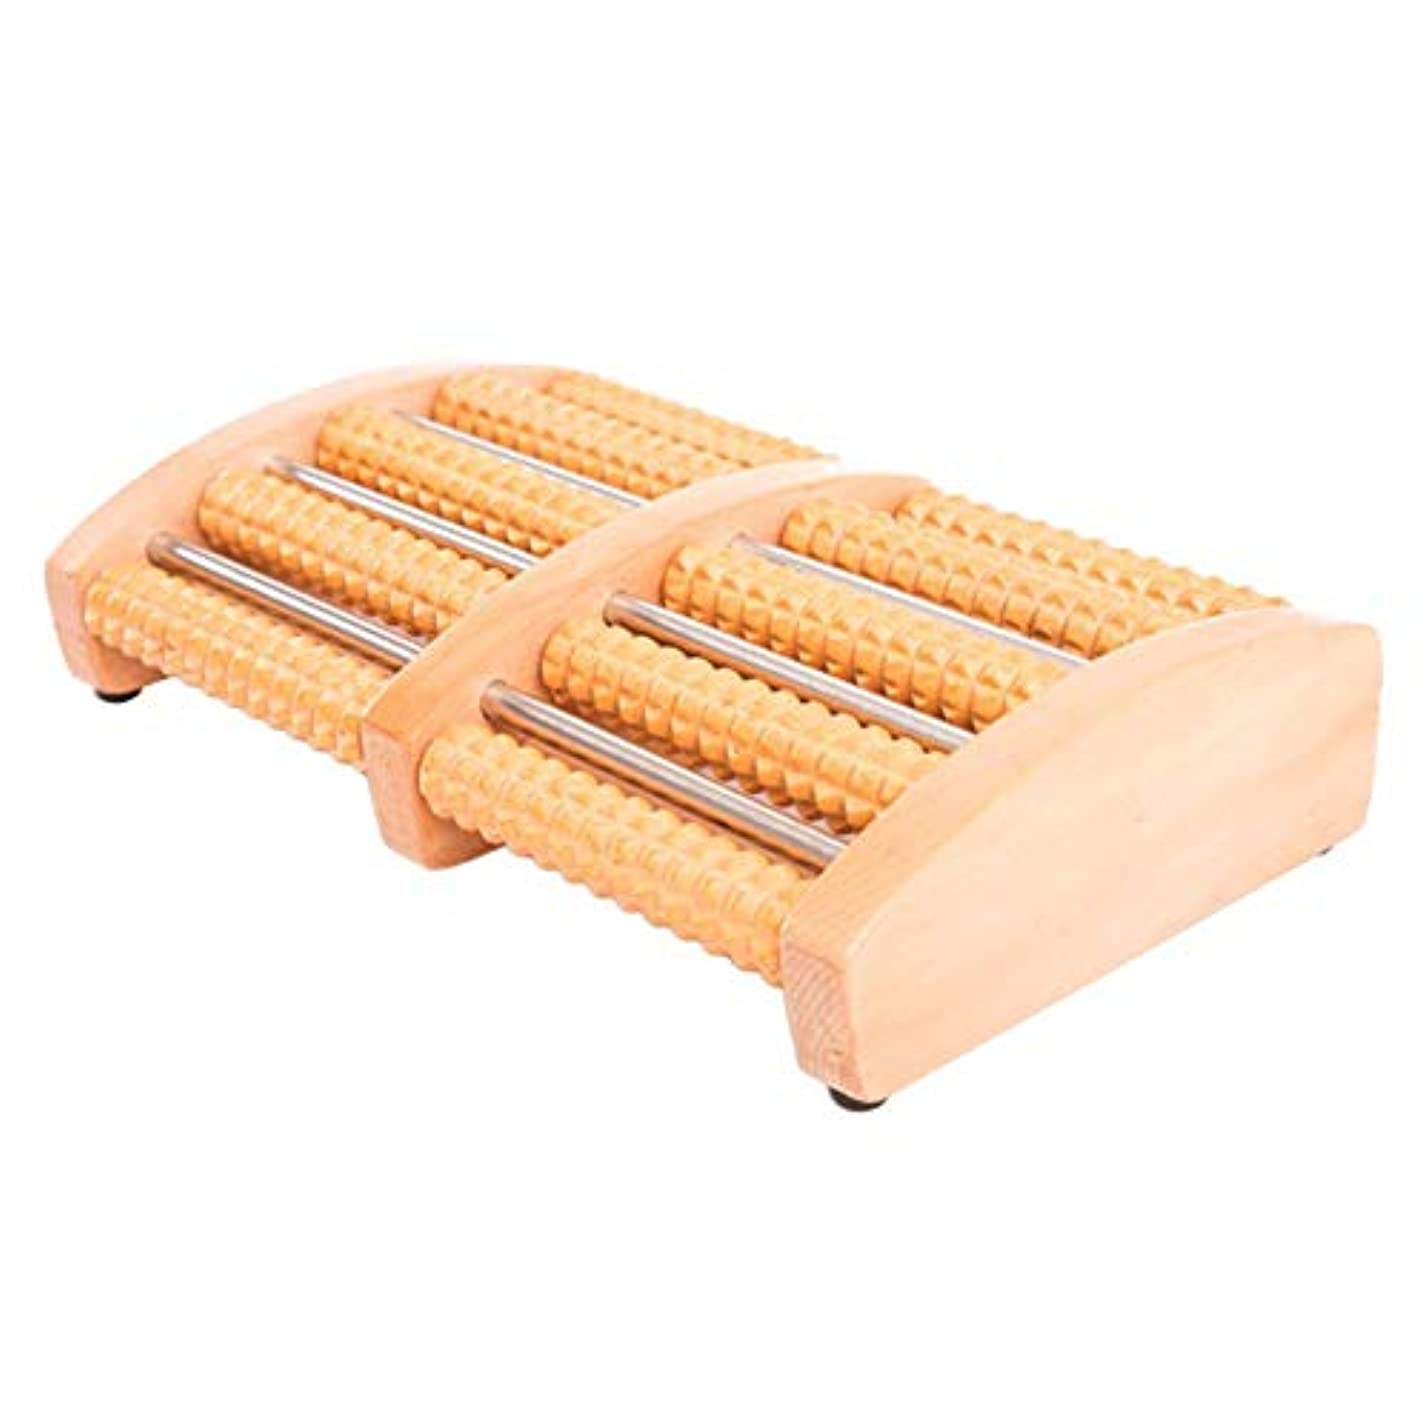 ドラム繊毛共感するColdwhite フットマッサージローラー、足のアーチの痛みと足底筋膜炎筋肉ローラースティック、リラクゼーションとストレス解消のための指圧リフレクソロジーツール(木製ローラー)